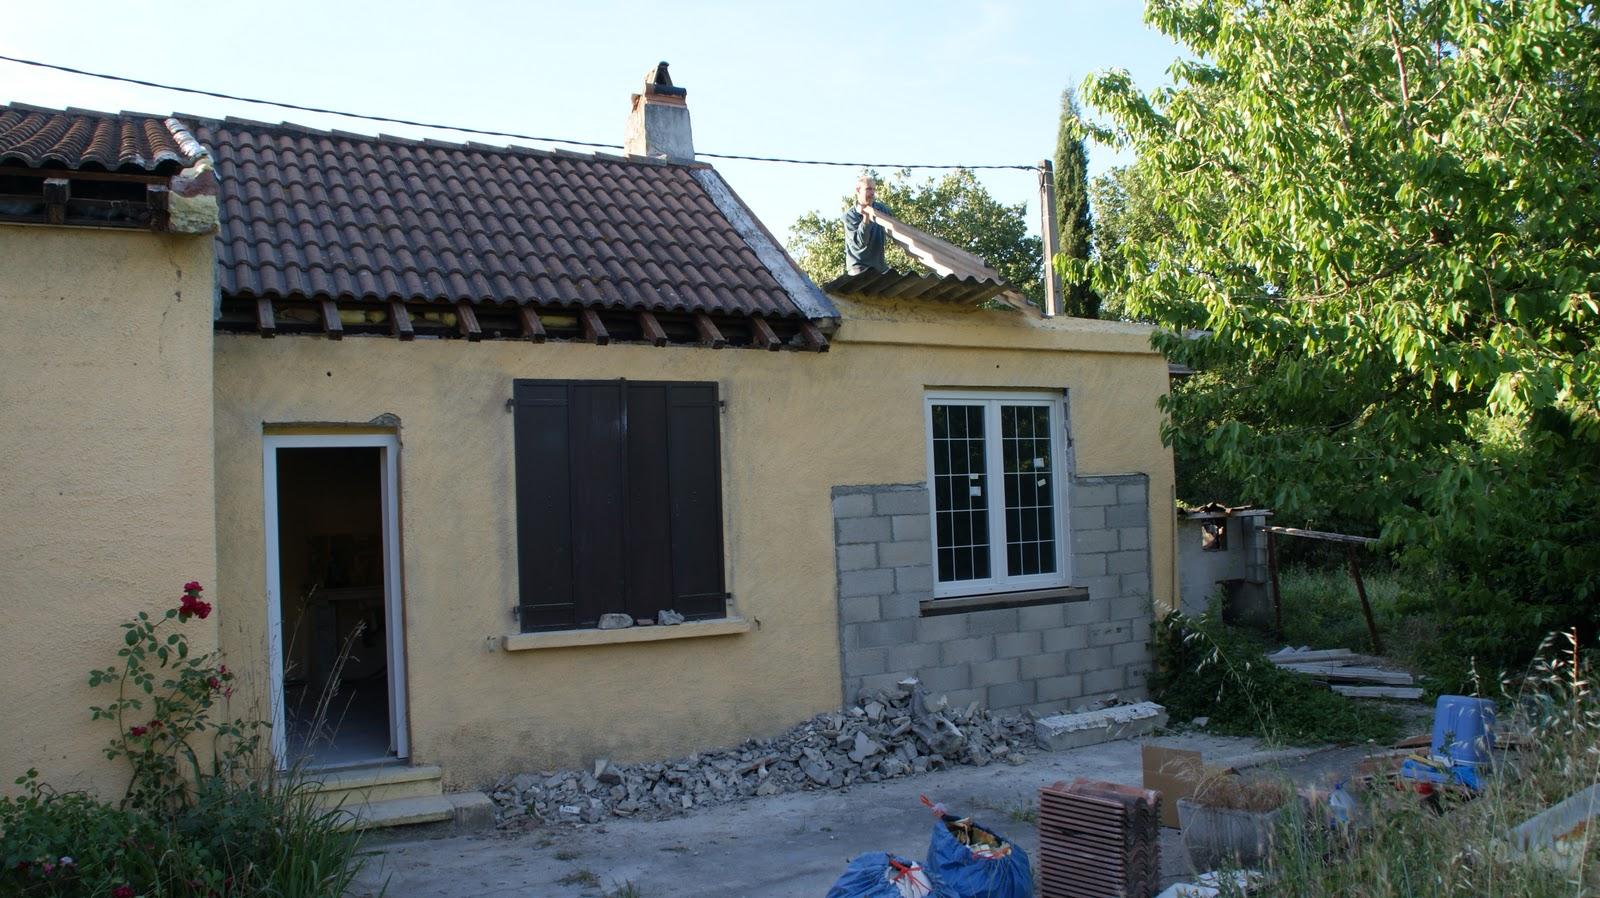 Belvezet mas de l 39 ancienne eglise juin 2011 d montage de la toiture en fibro ciment - Reglementation demontage toiture fibro ciment ...